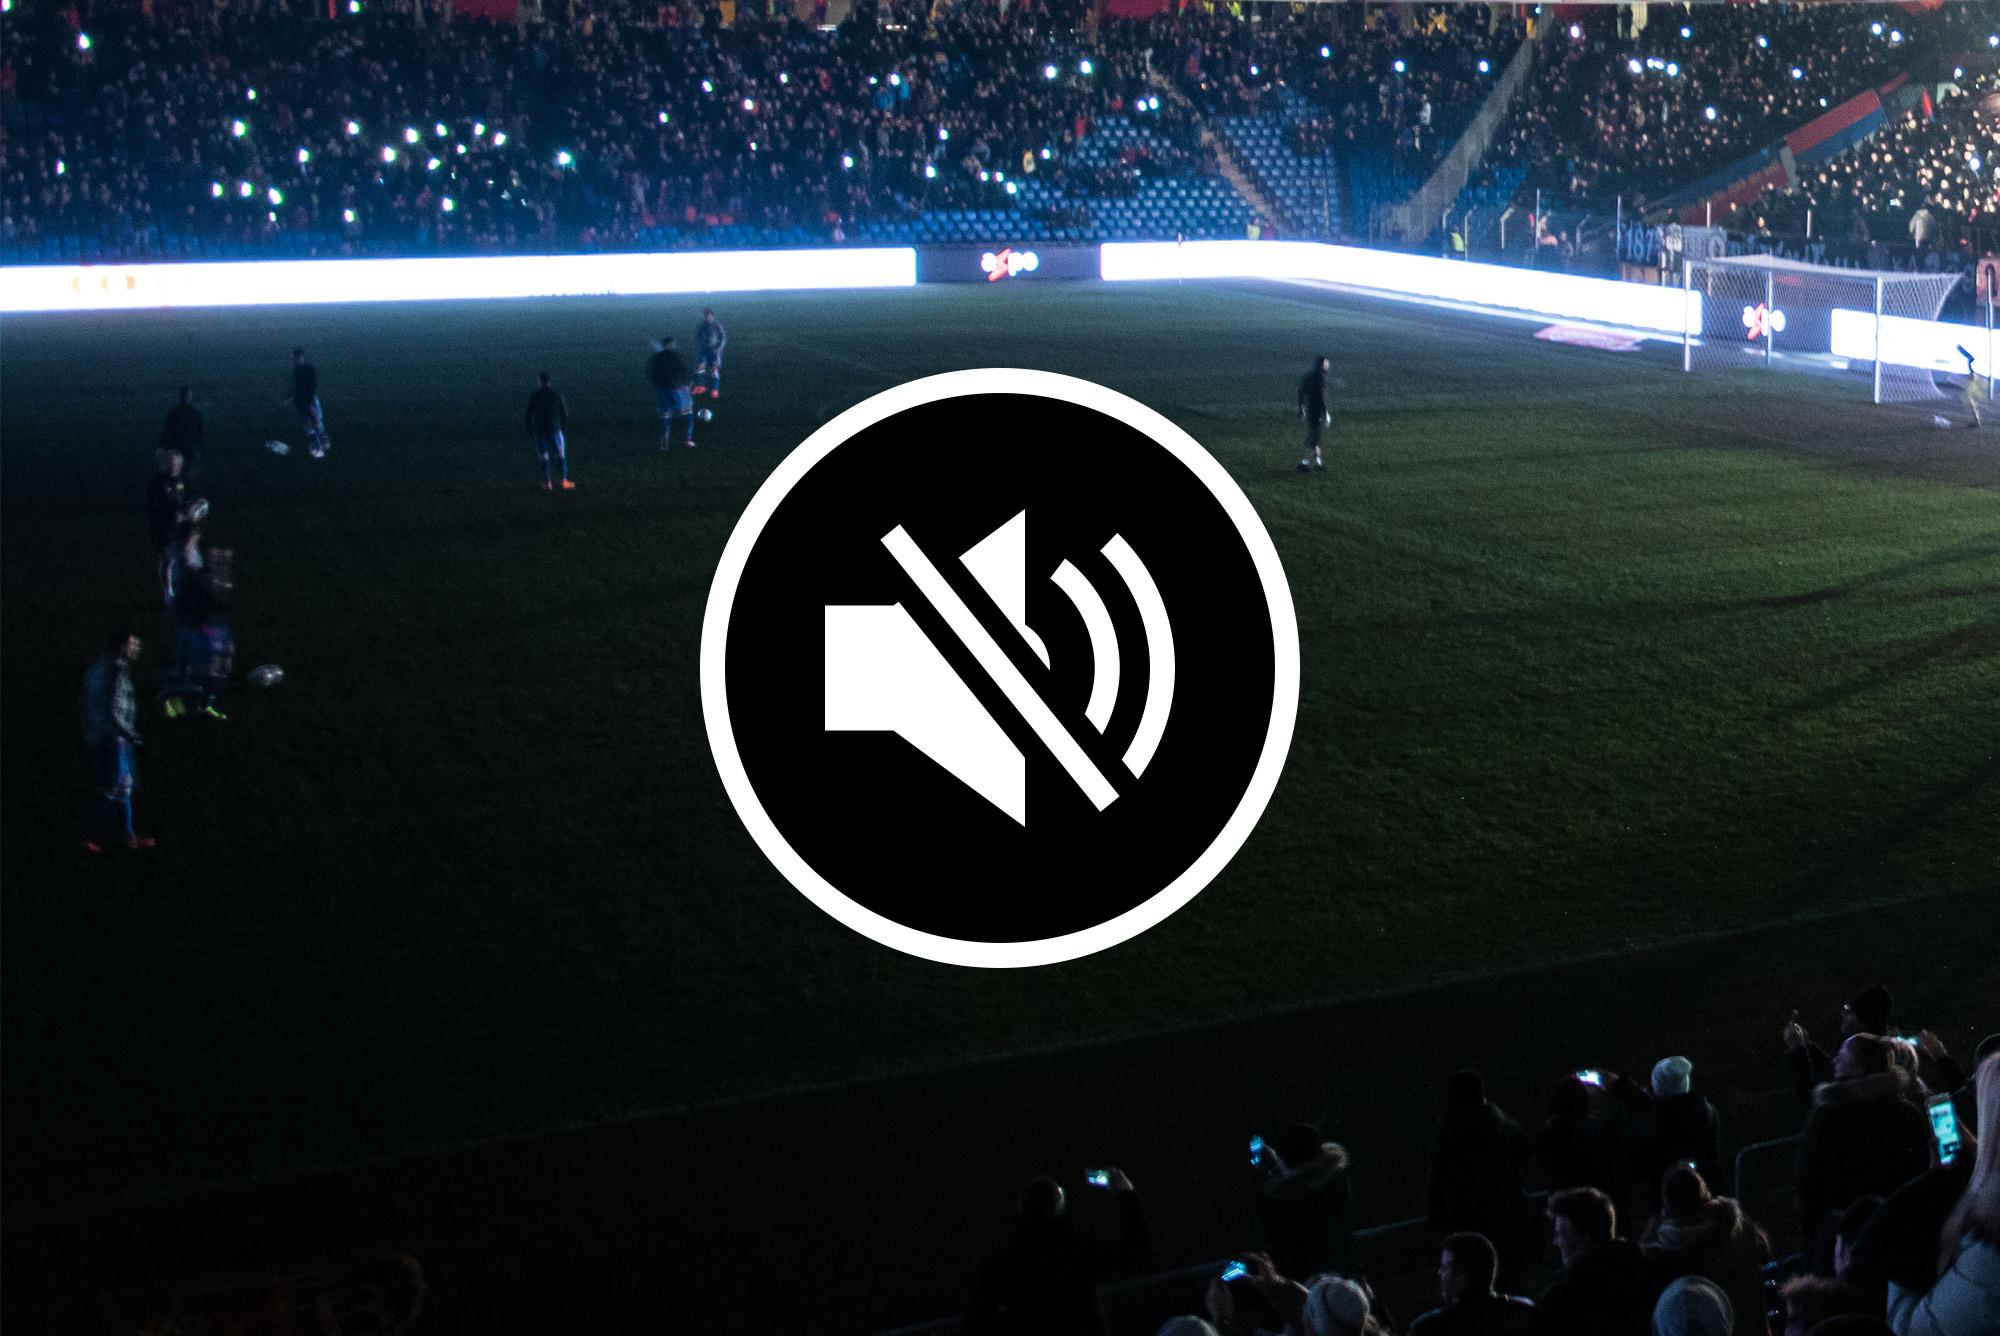 Der Stromausfall hat für den FCB ein grösseres Nachspiel mit der Feuerpolizei.